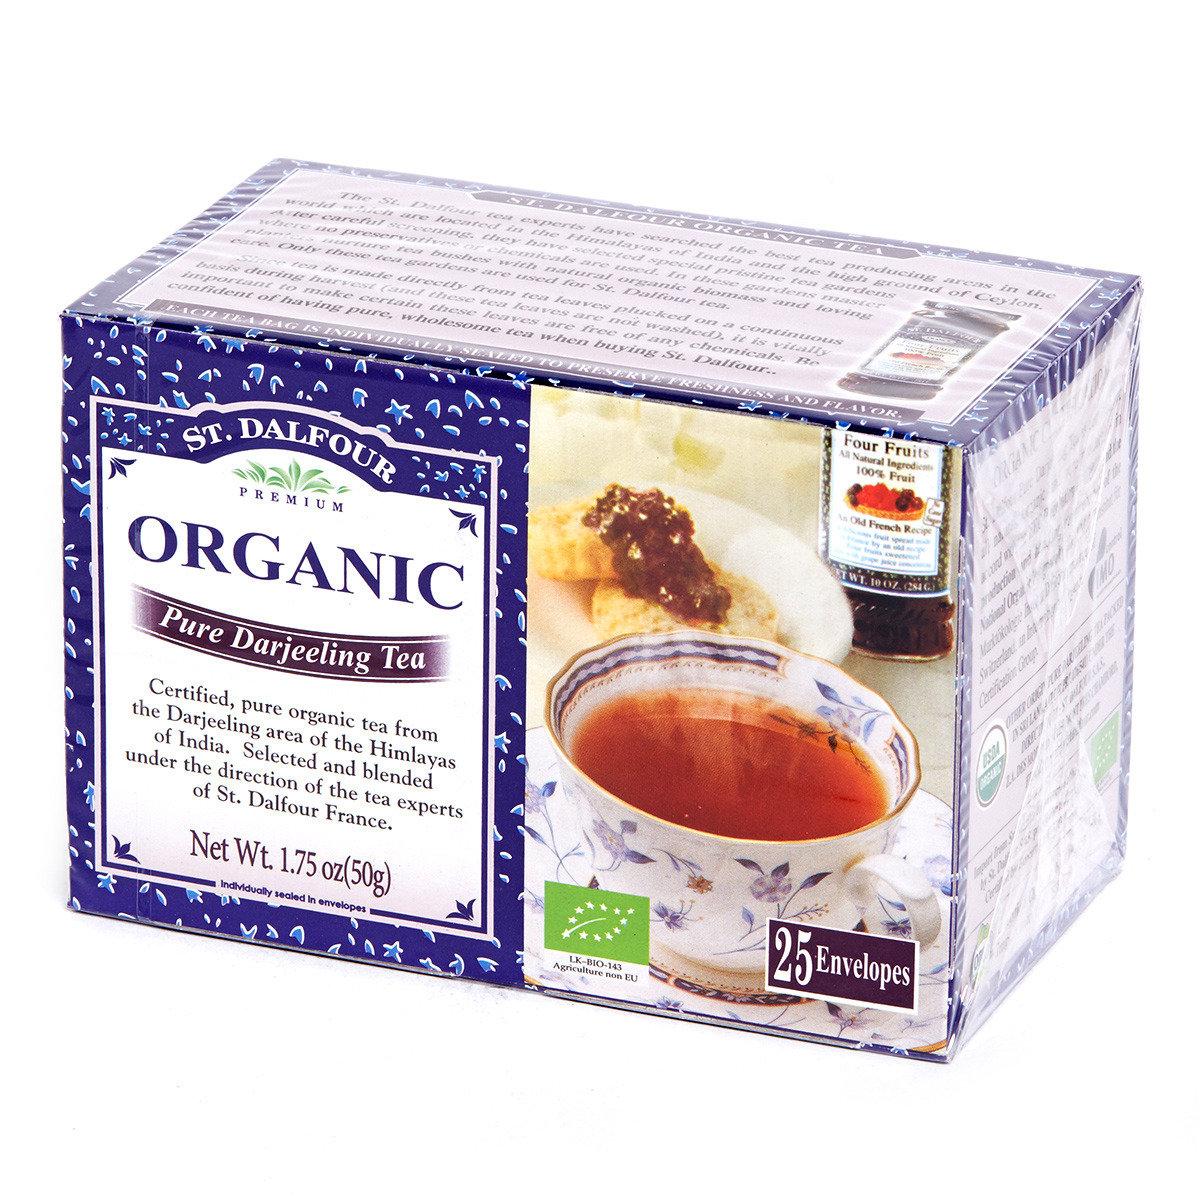 有機紅茶系列 - 大吉嶺紅茶